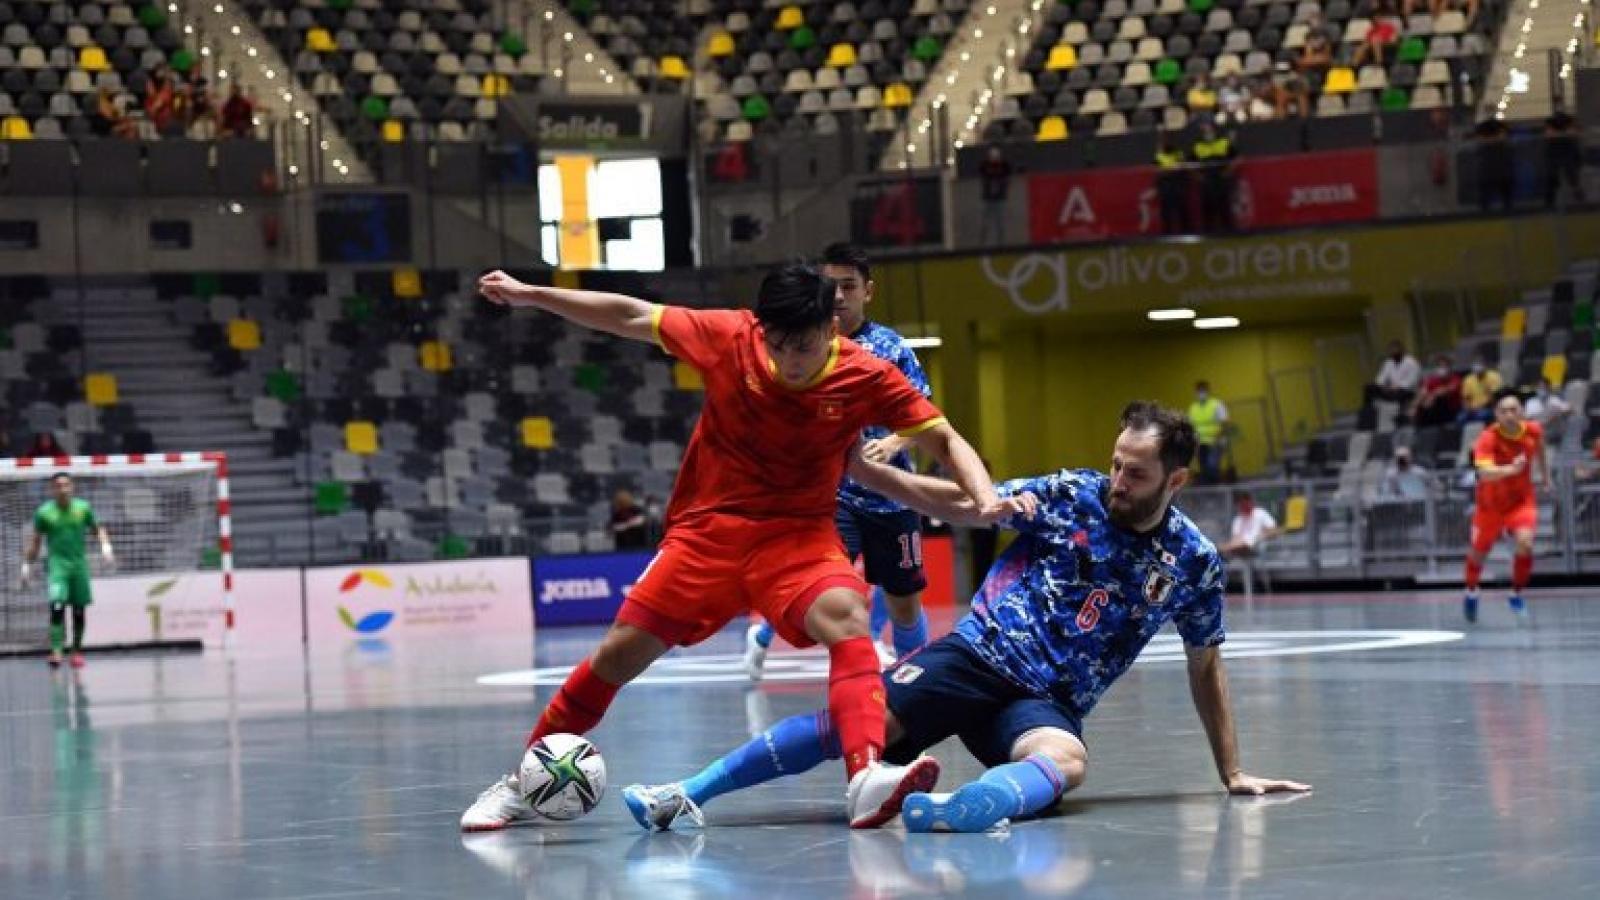 ĐT Futsal Việt Nam sẵn sàng cho màn so tài với ĐT Brazil